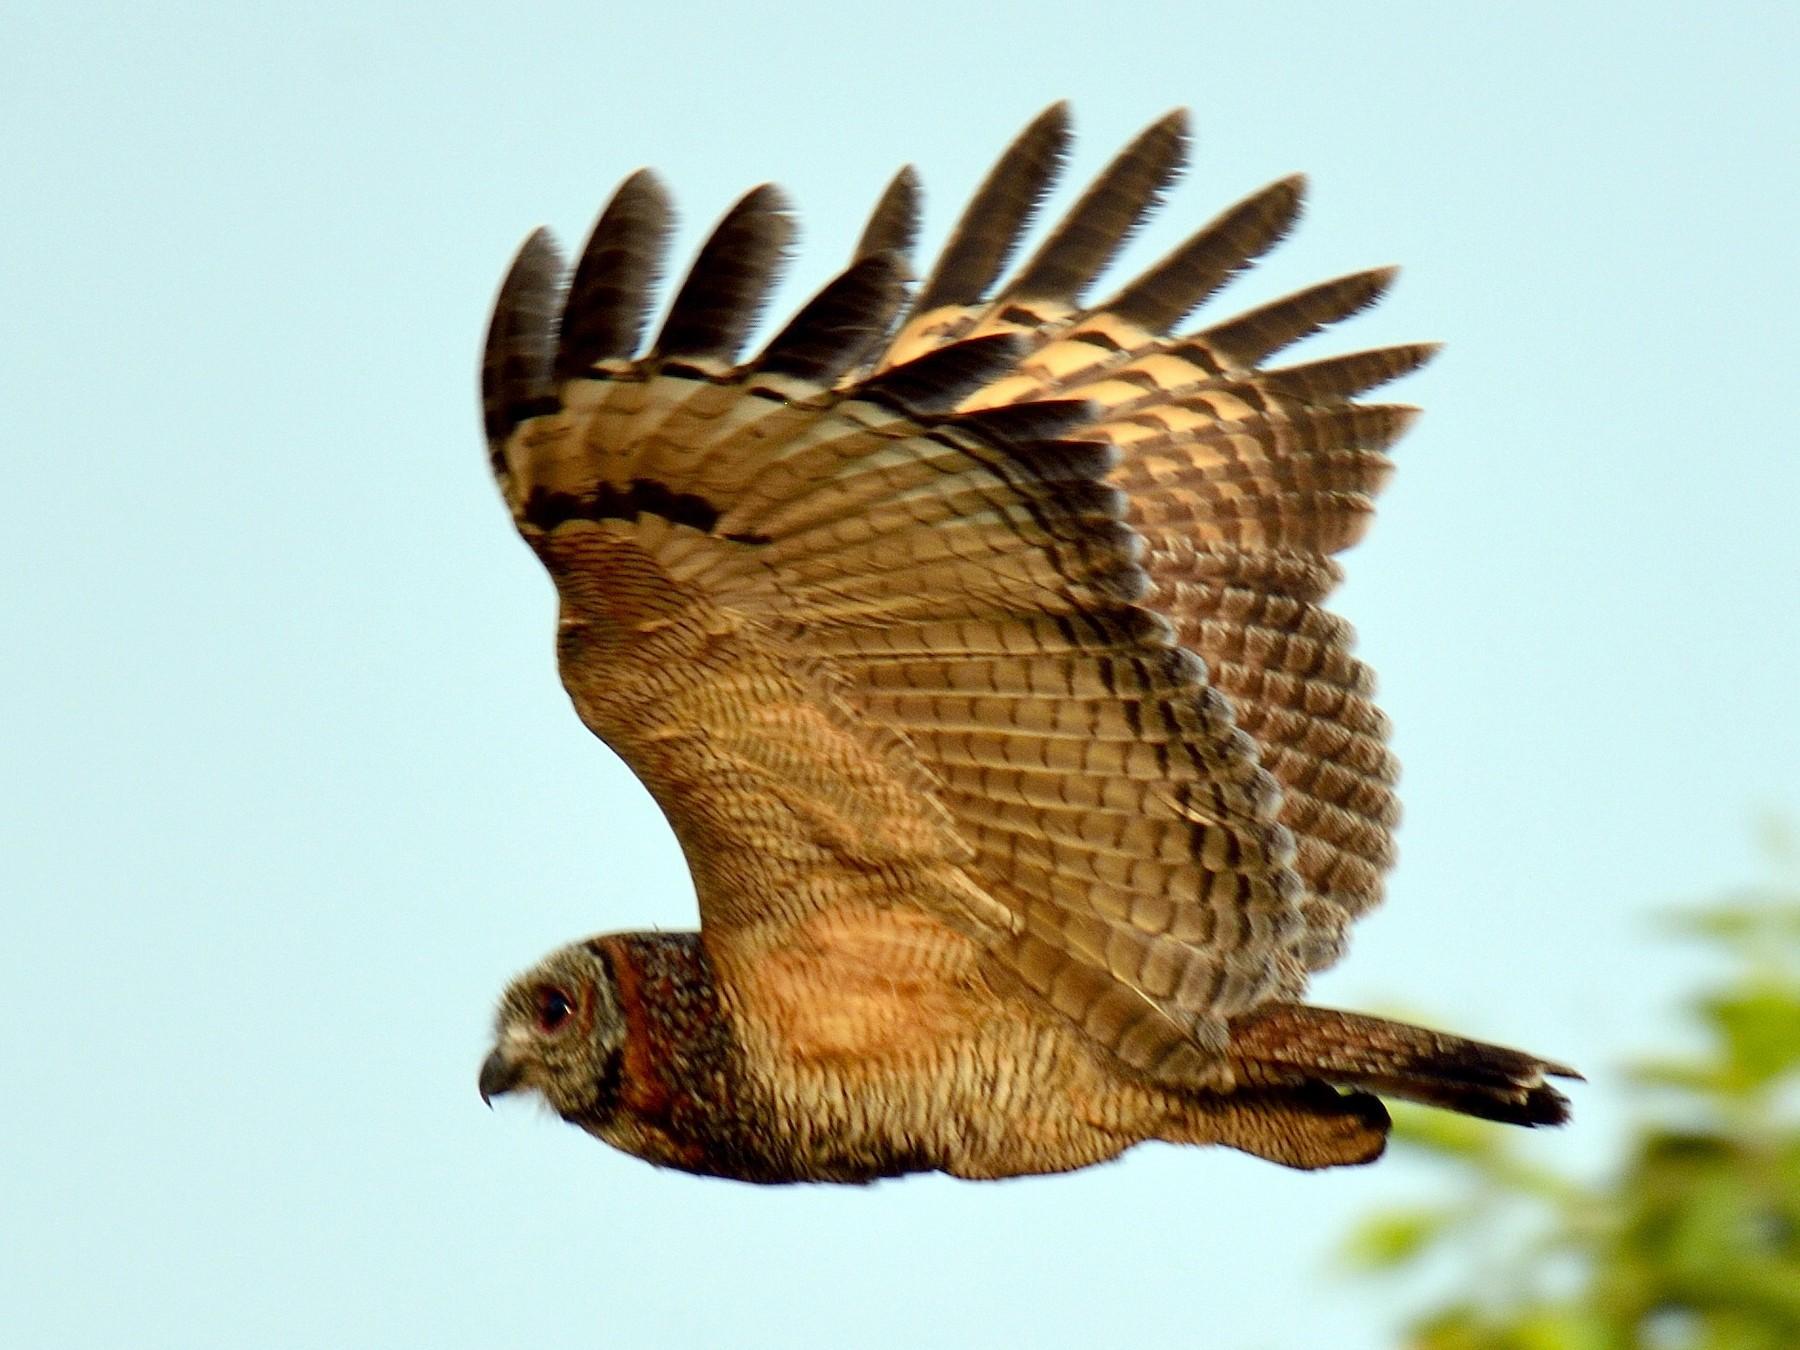 Mottled Wood-Owl - Snehasis Sinha